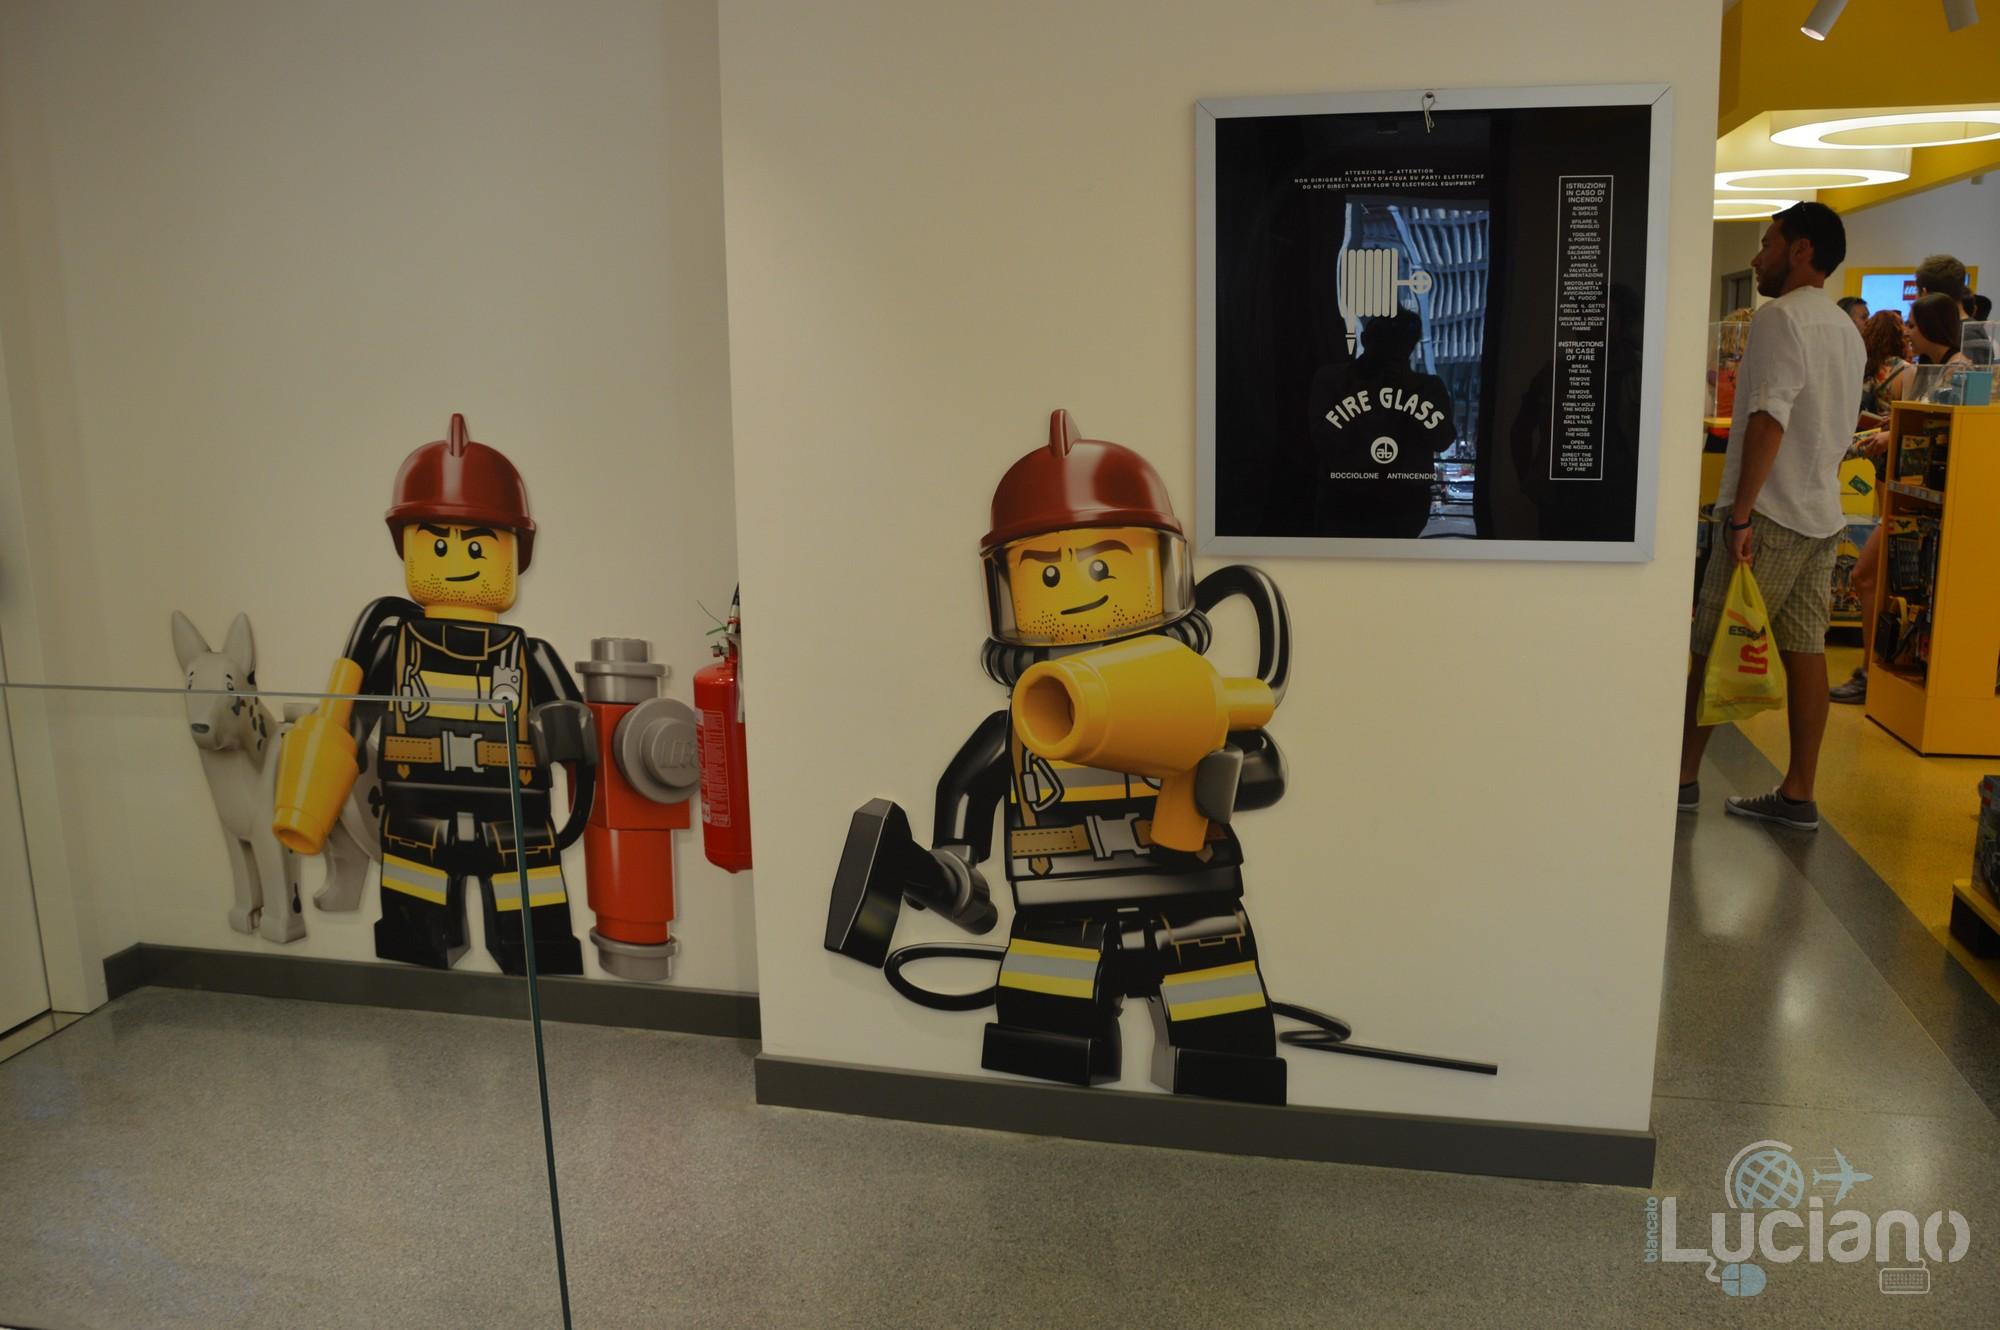 Lego Store - Milano - Lombardia - Italia